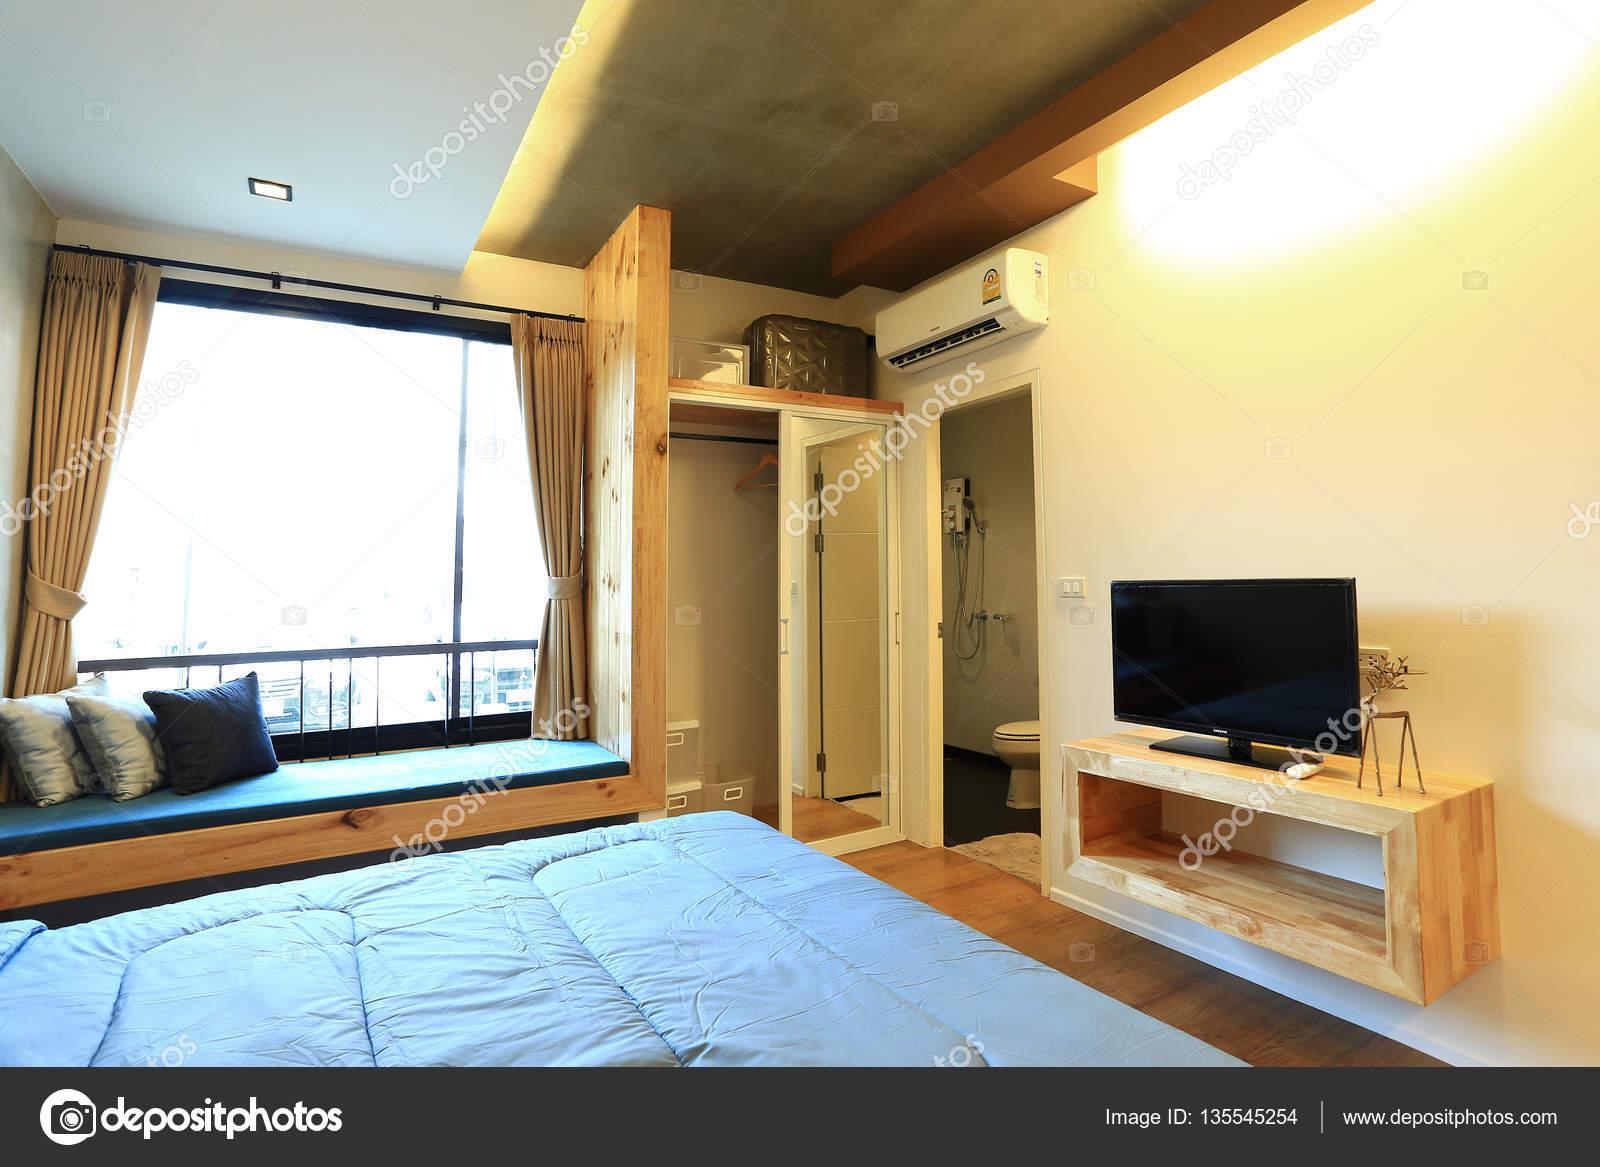 Projektowanie Wnętrz Pokoju Z Meblami Zdjęcie Stockowe S